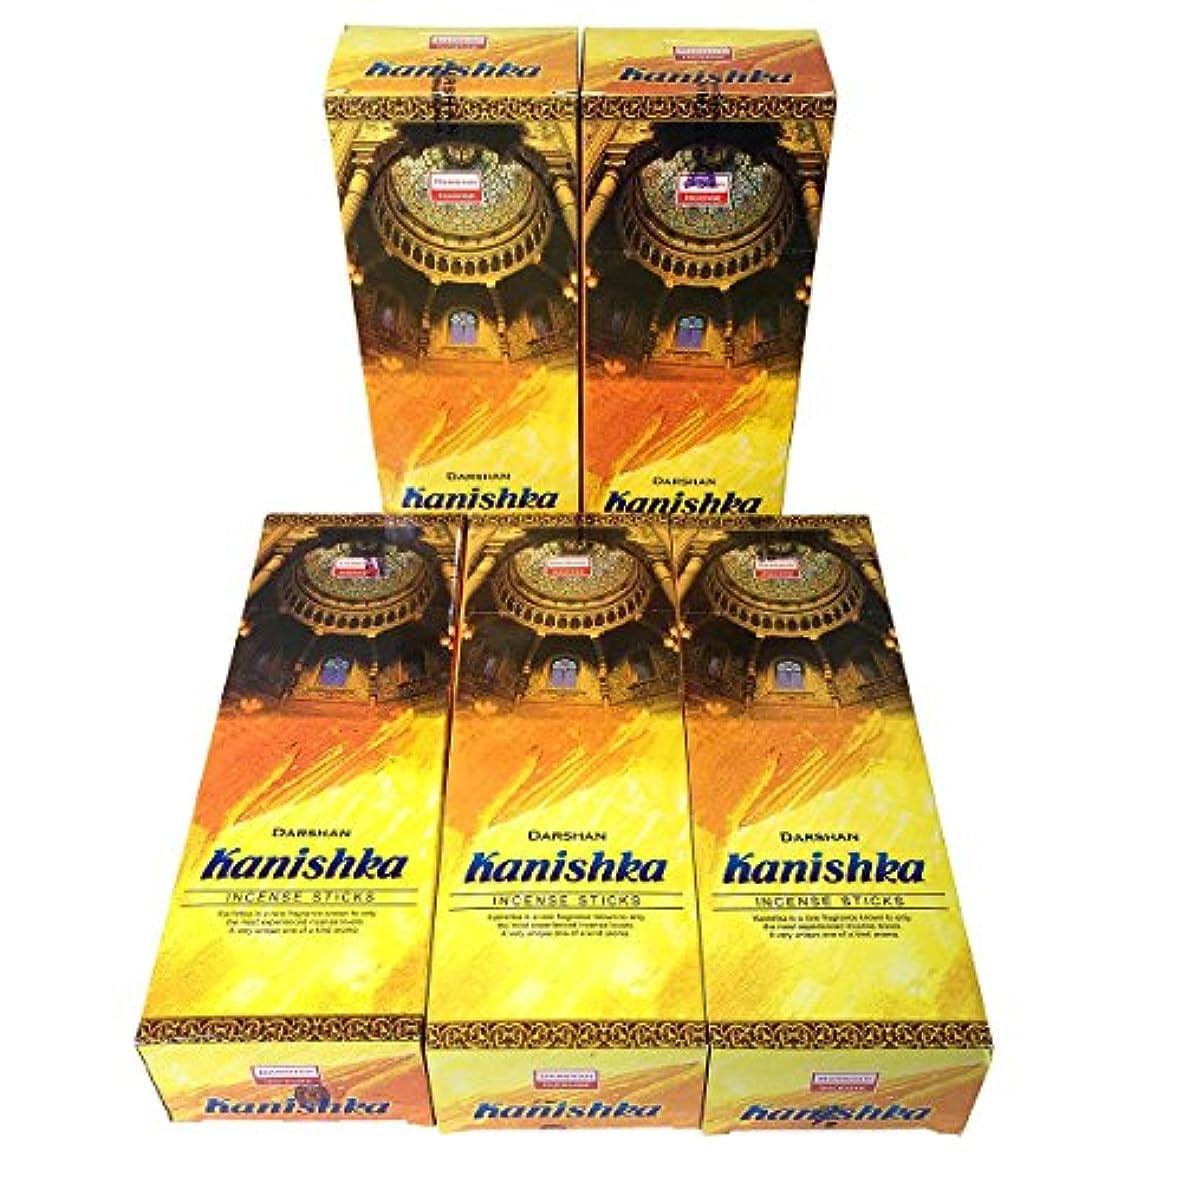 カニシュカ香スティック 5BOX(30箱)/DARSHAN KANISHKA/ インド香 / 送料無料 [並行輸入品]